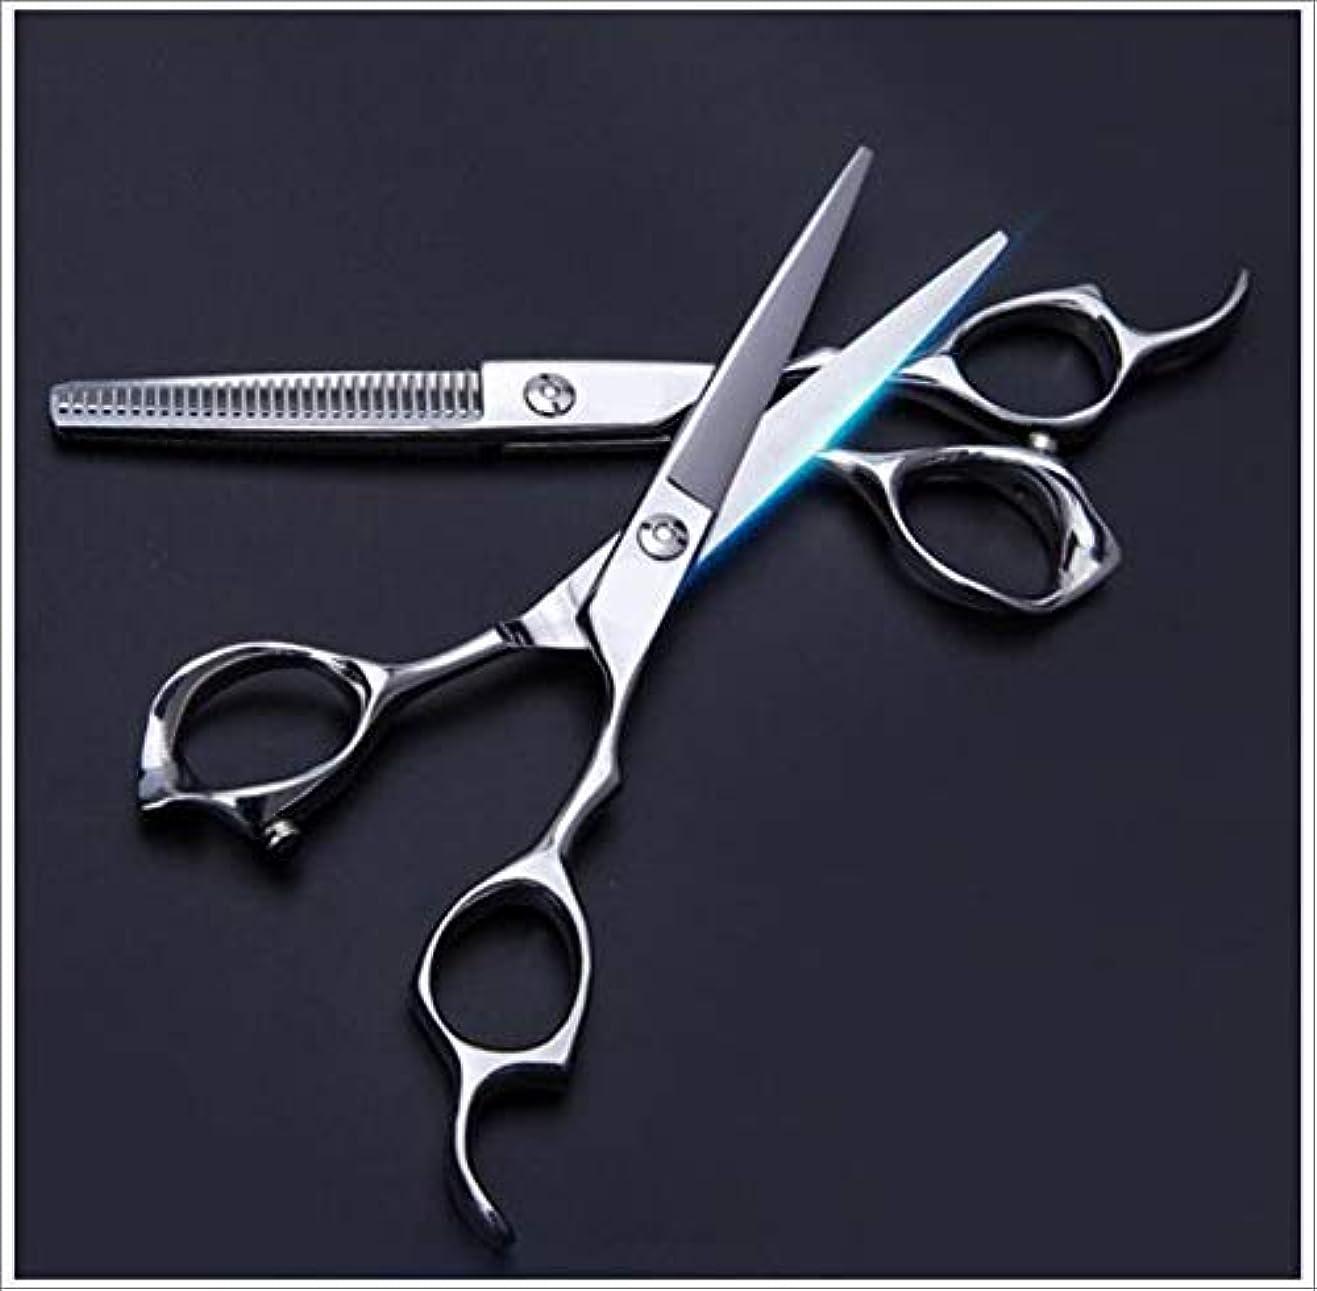 下るハイジャックパステル美容師のはさみ髪のはさみマルチスタイラー2 PCS間伐はさみ理髪セット6インチステンレス鋼かみそり,A+B